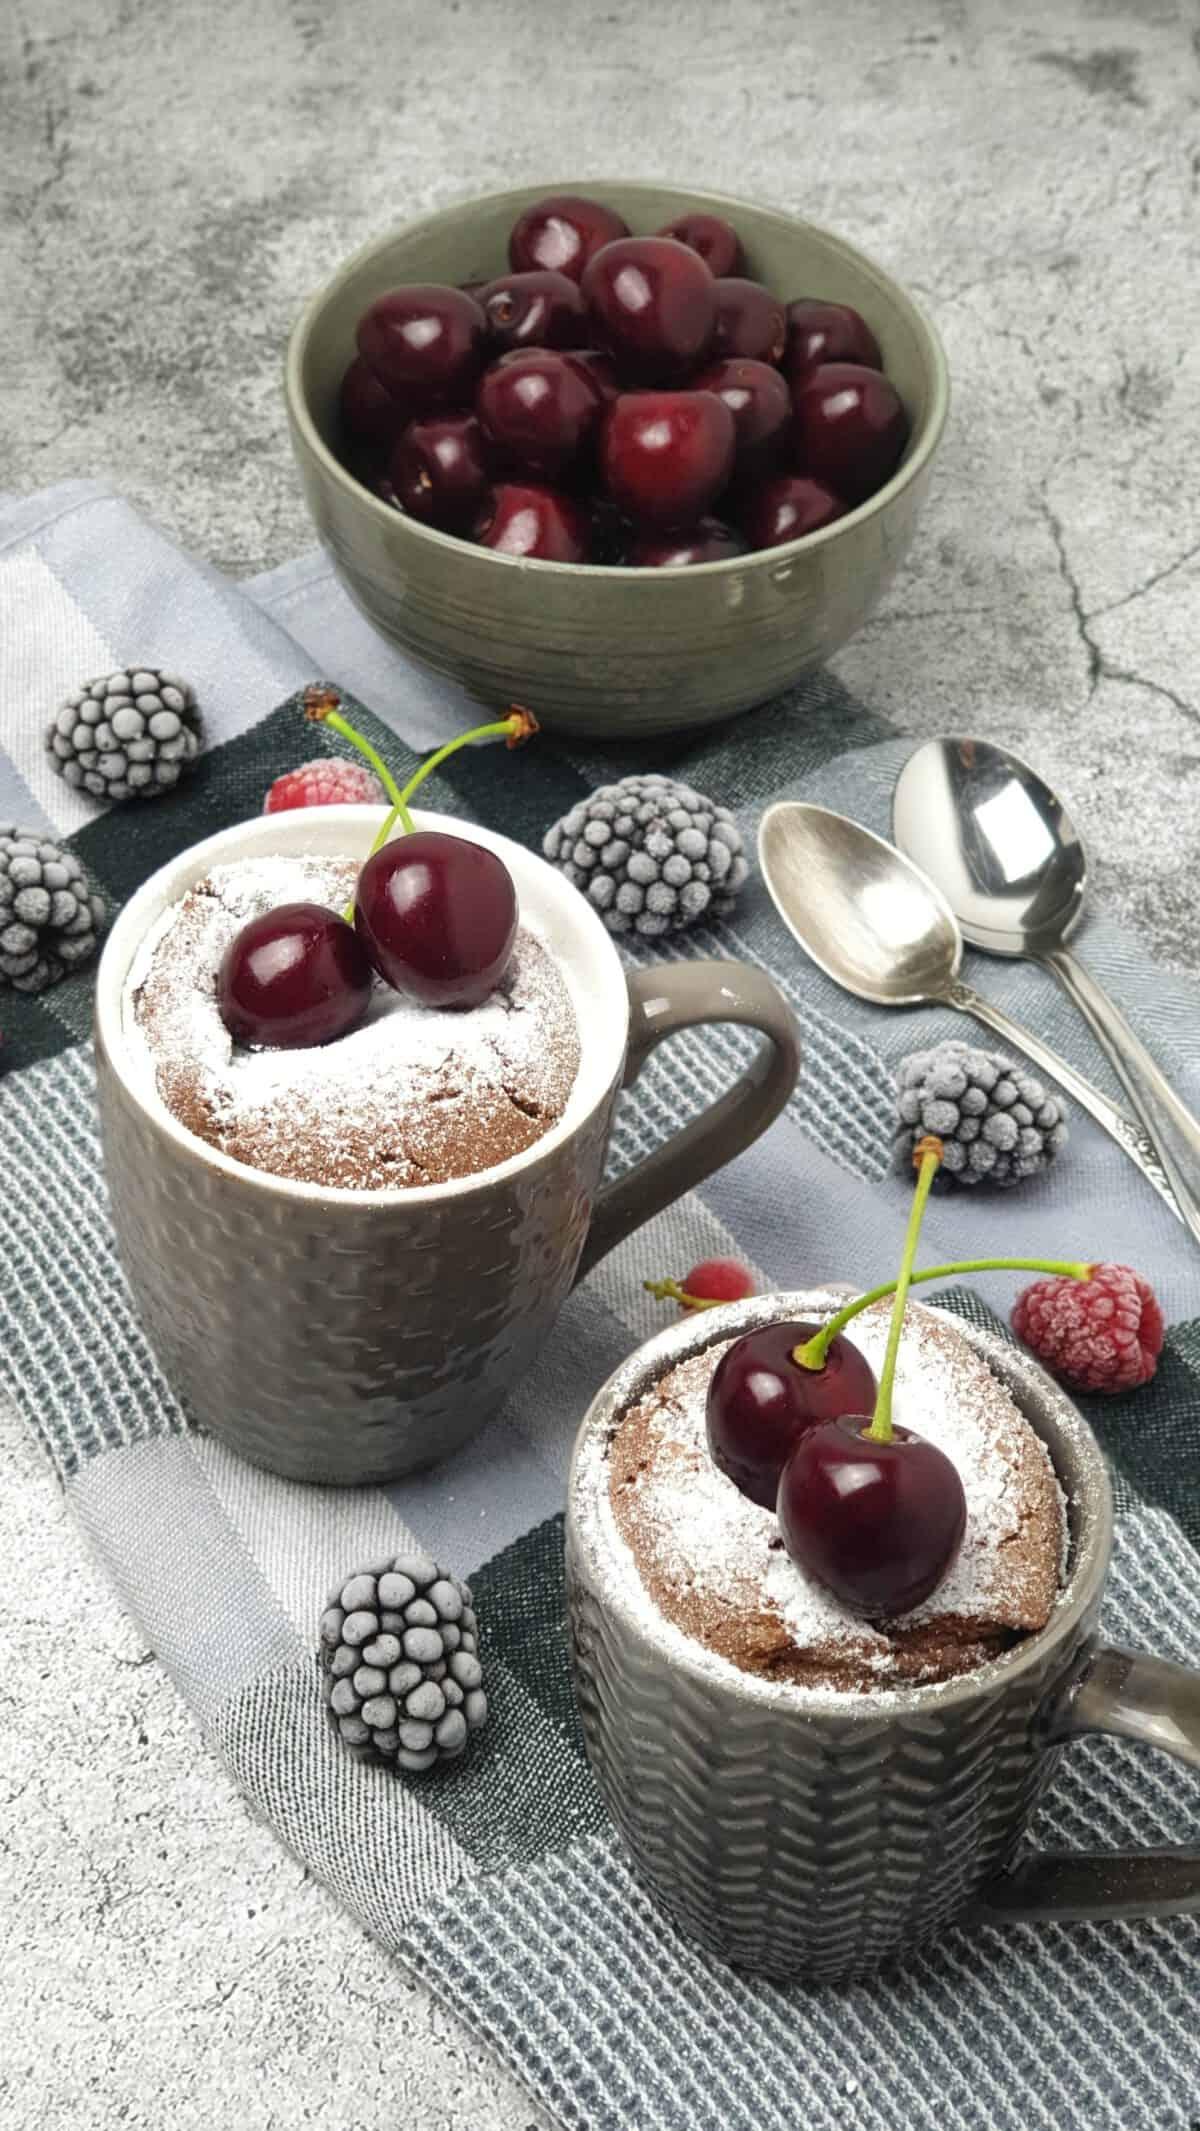 Zwei graue Tassen mit einem Tassenkuchen. Bestreut mit Puderzucker und garniert mit Kirschen.